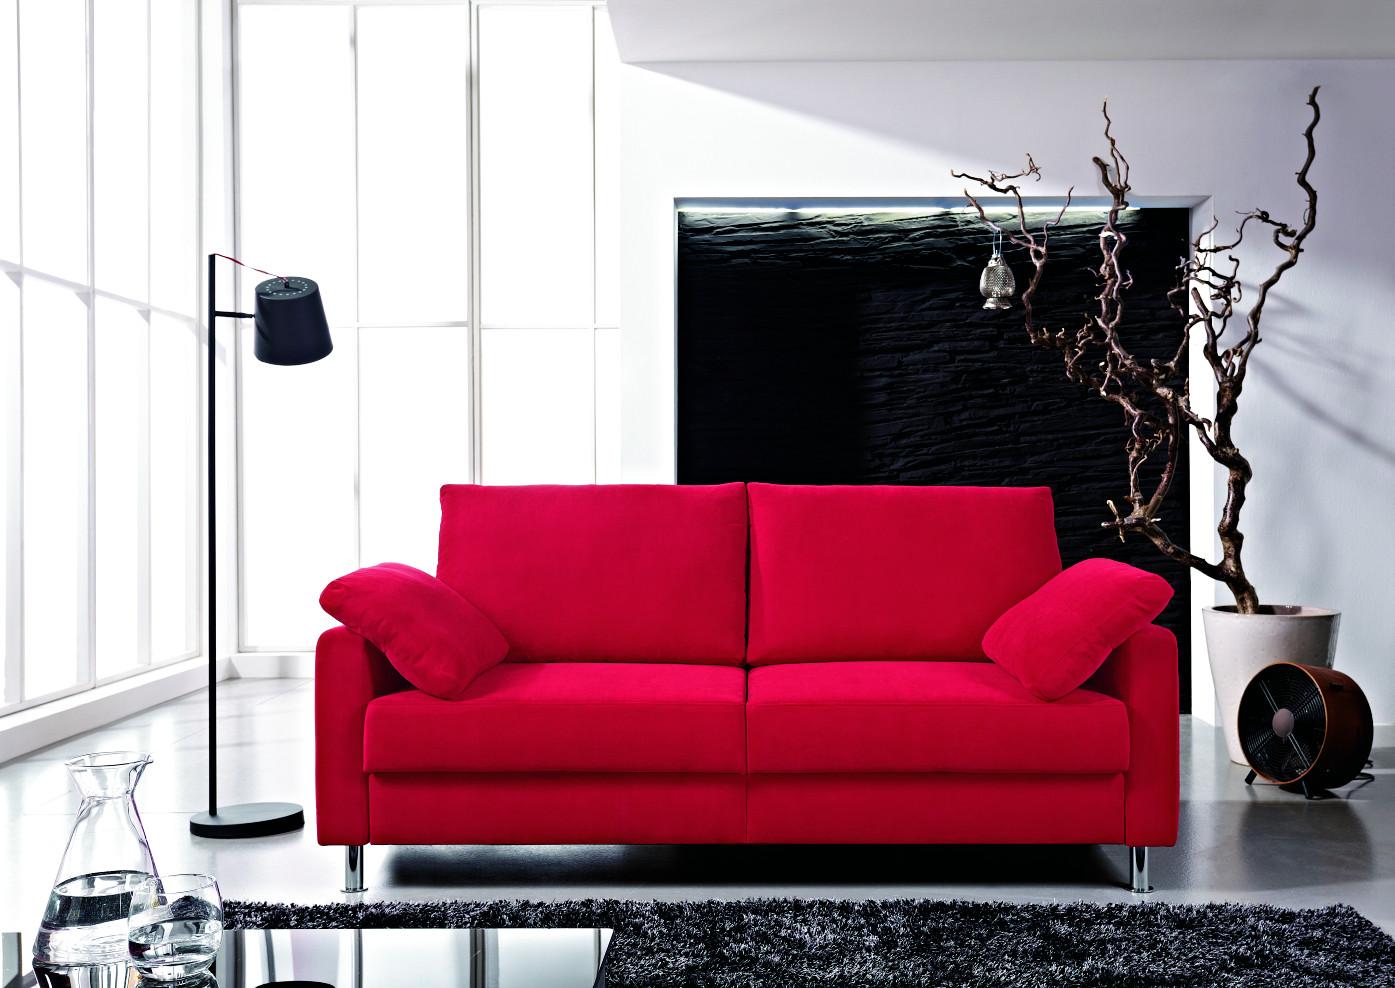 stoffsofas sofas wohnzimmer m bel m bel fischer. Black Bedroom Furniture Sets. Home Design Ideas